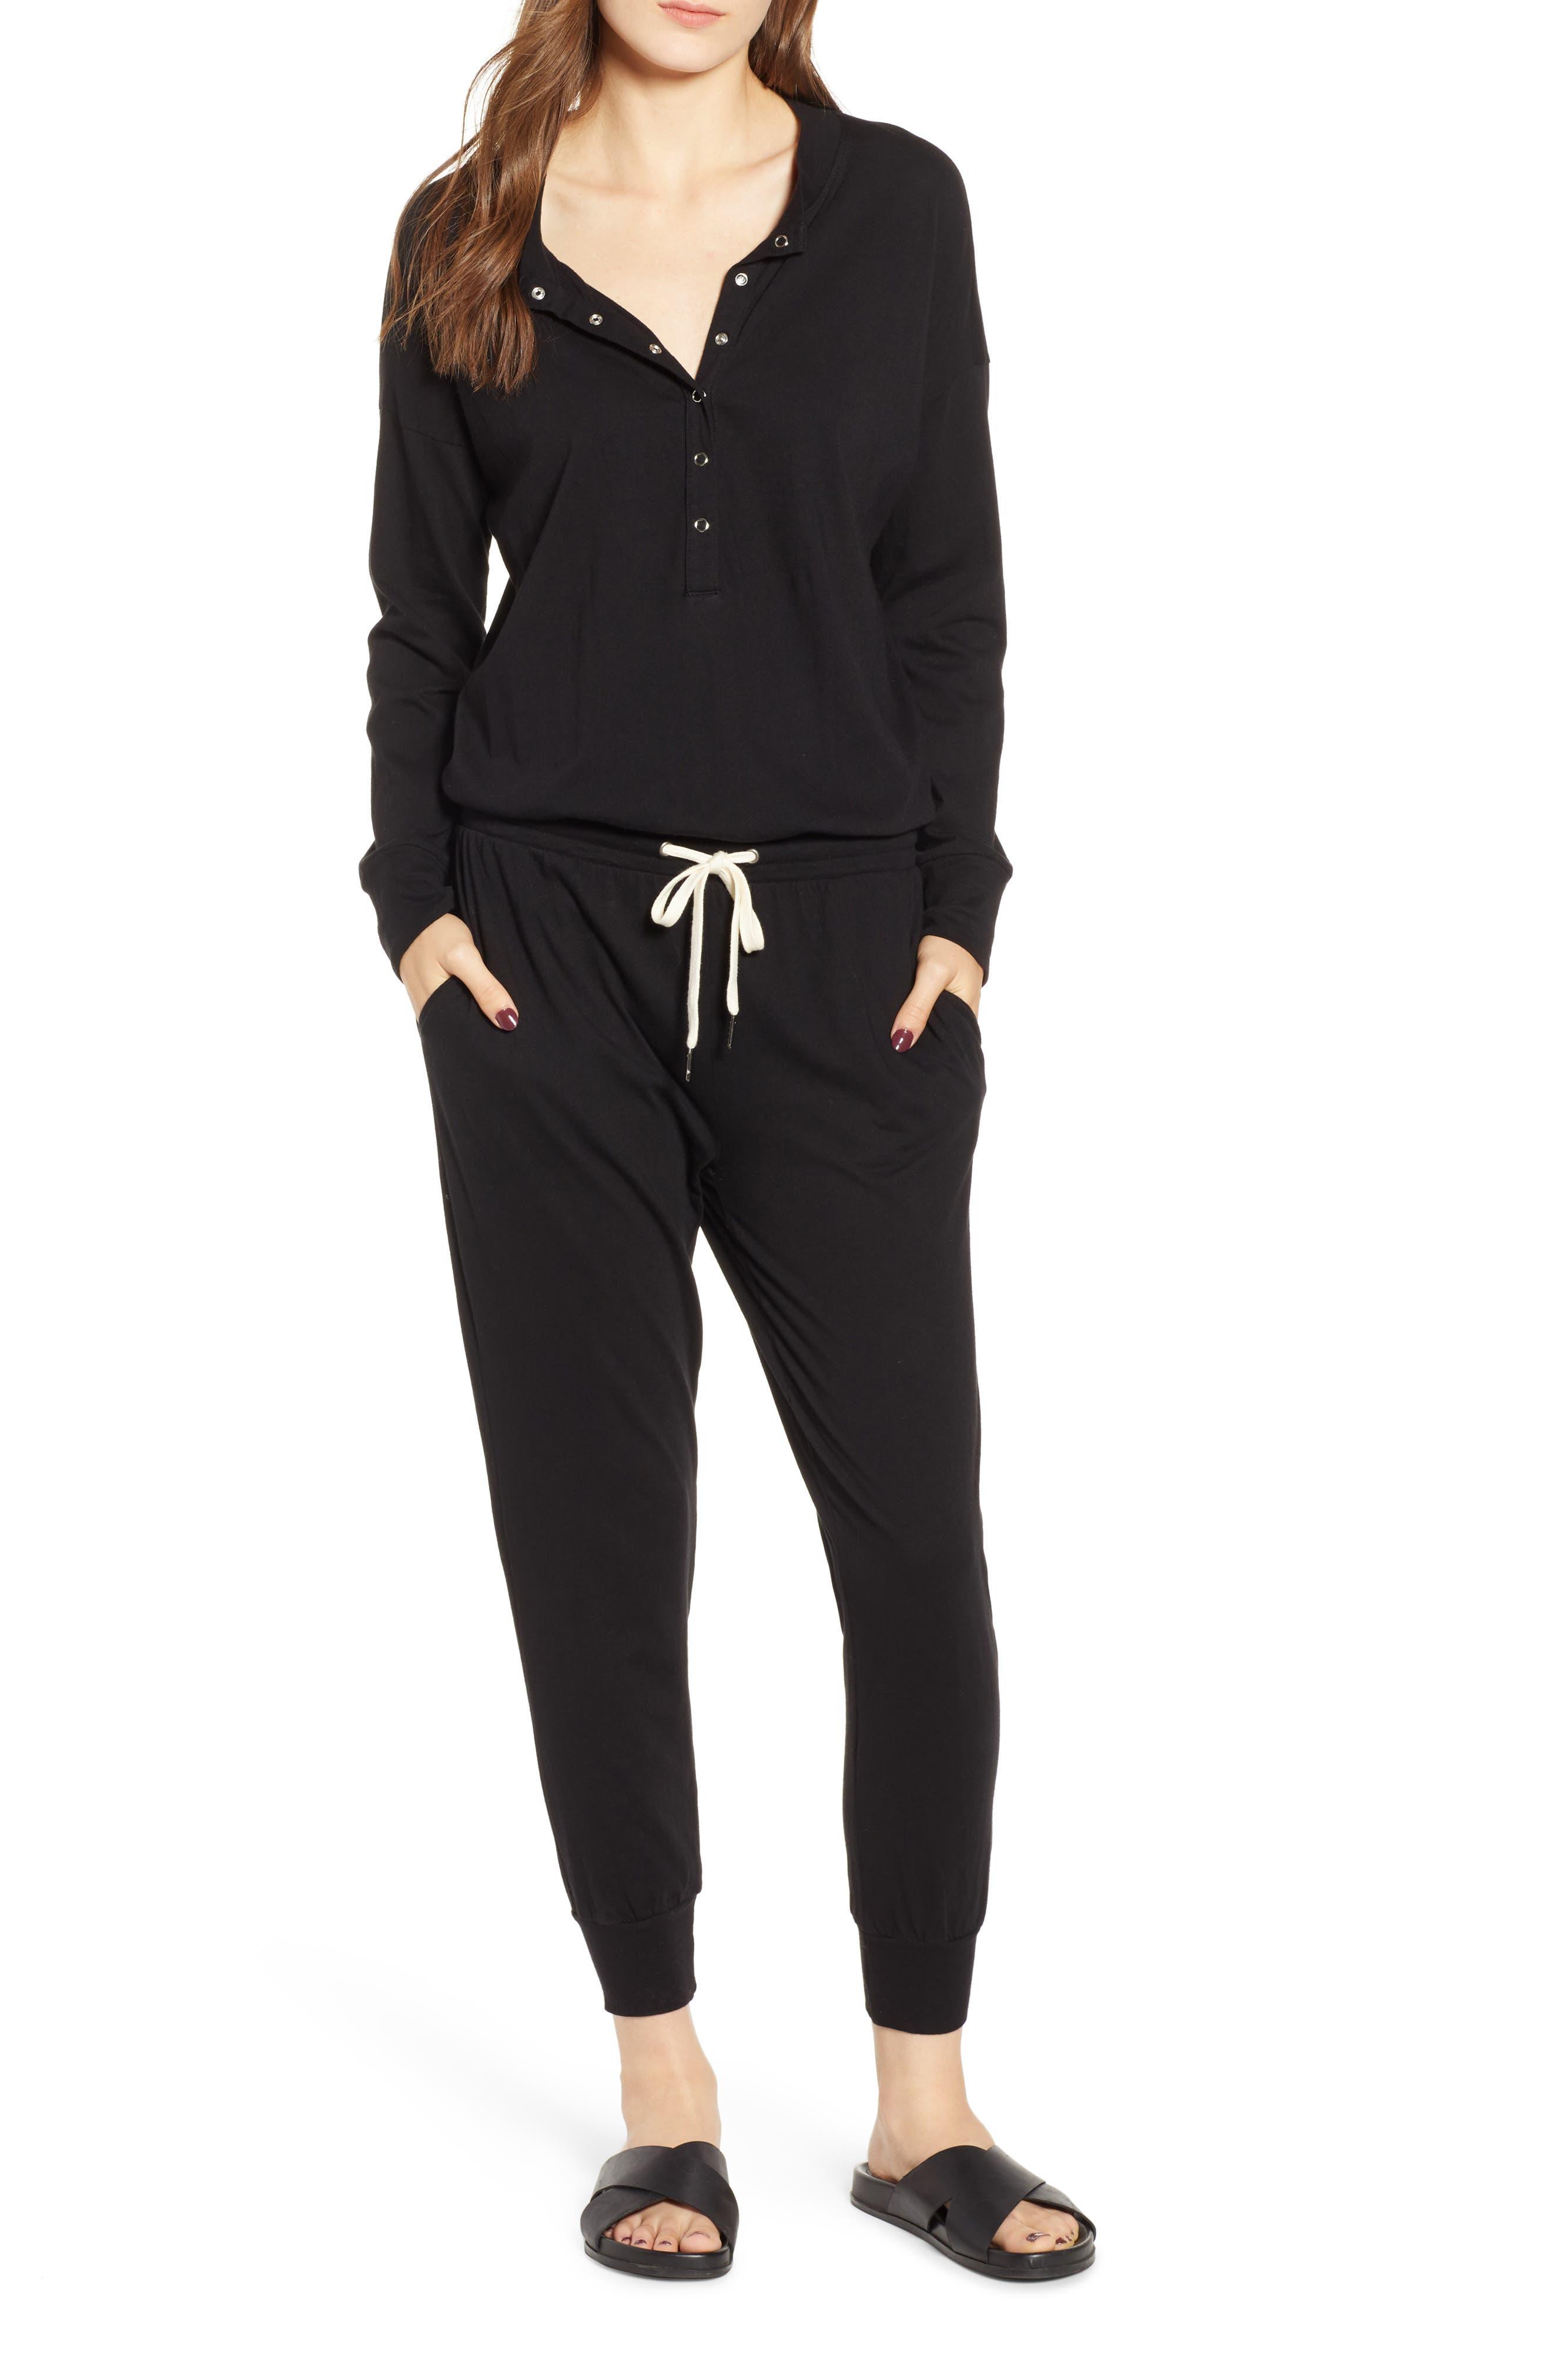 N PHILANTHROPY Dream Jumpsuit in Black Cat